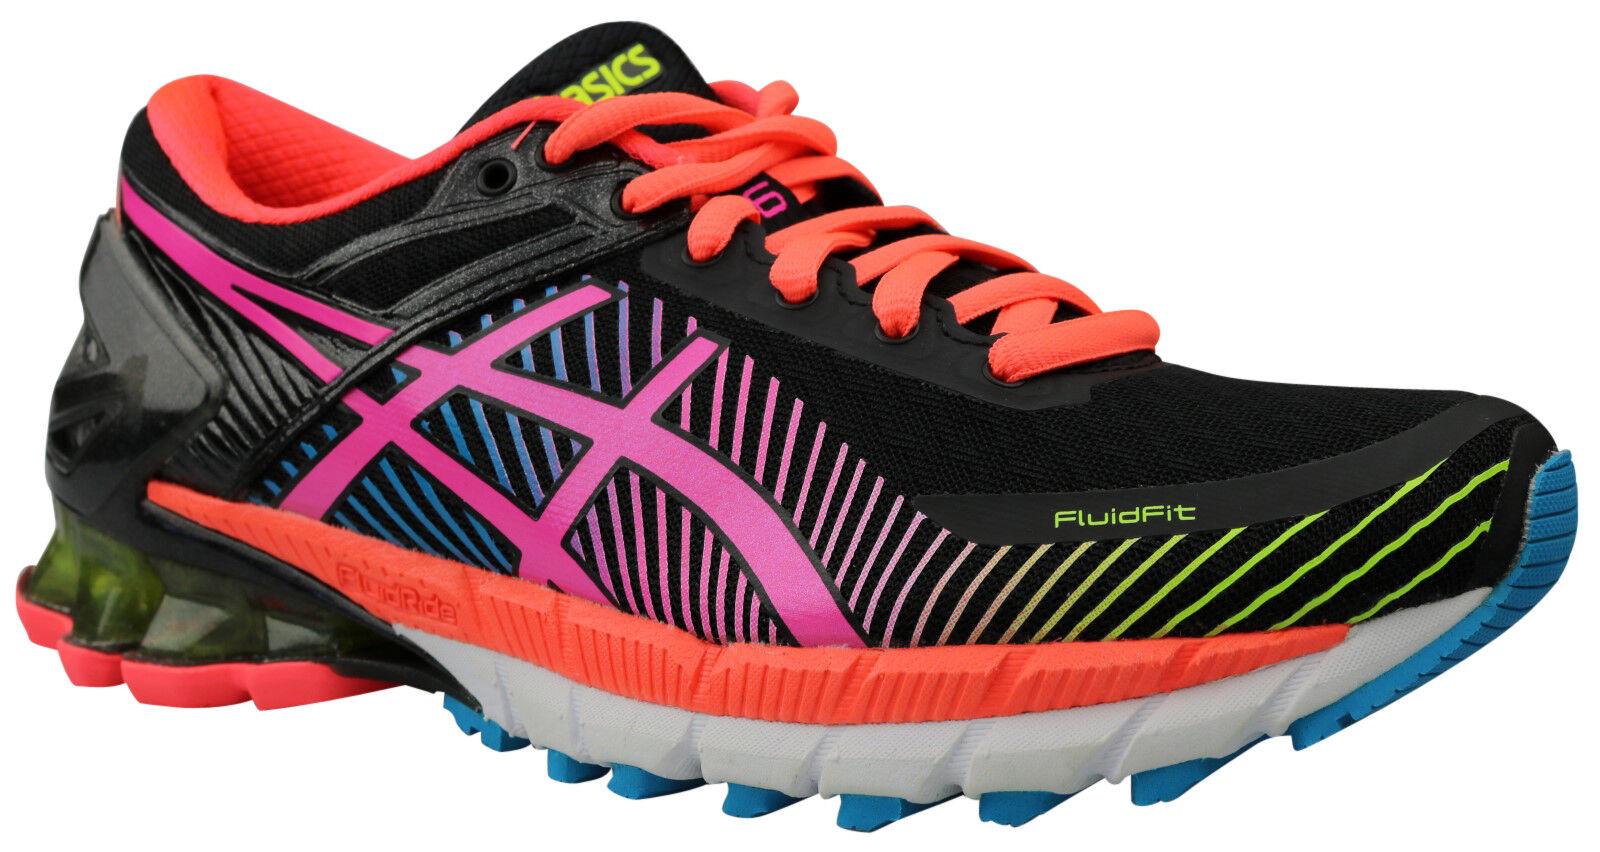 Asics Gel-Kinsei 6 Damen Damen 6 Running Laufschuhe T692N 9034 Gr. 35,5 & 36 NEU & OVP 221a08